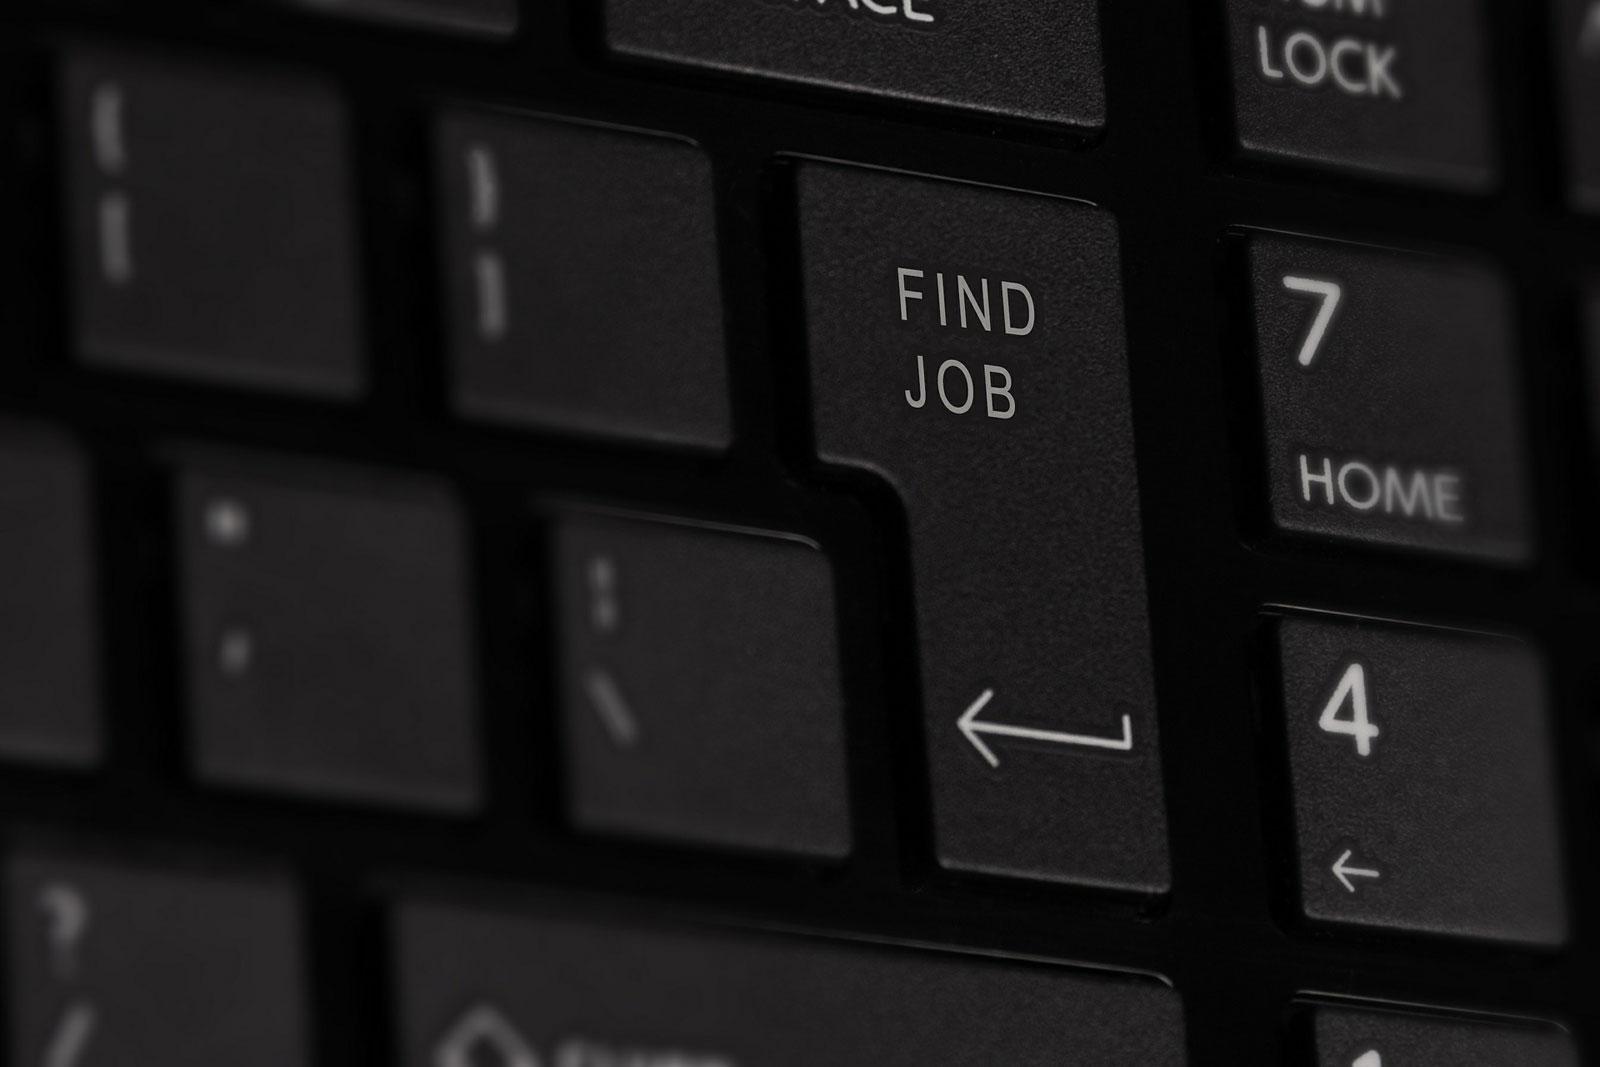 Chômage : le nombre de demandeurs d'emploi continue de baisser au Luxembourg